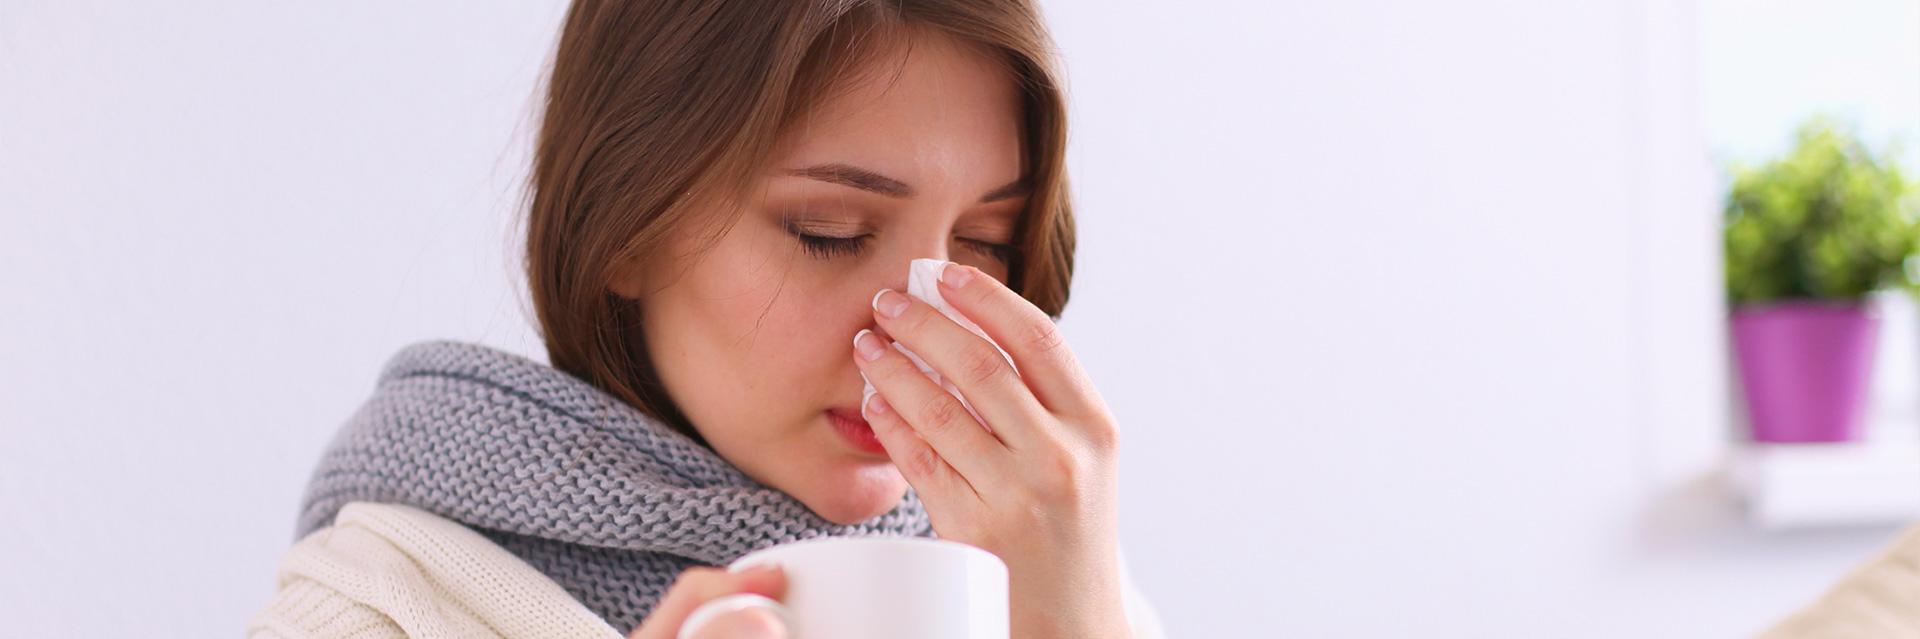 Jak rozpoznać przeziębienie?